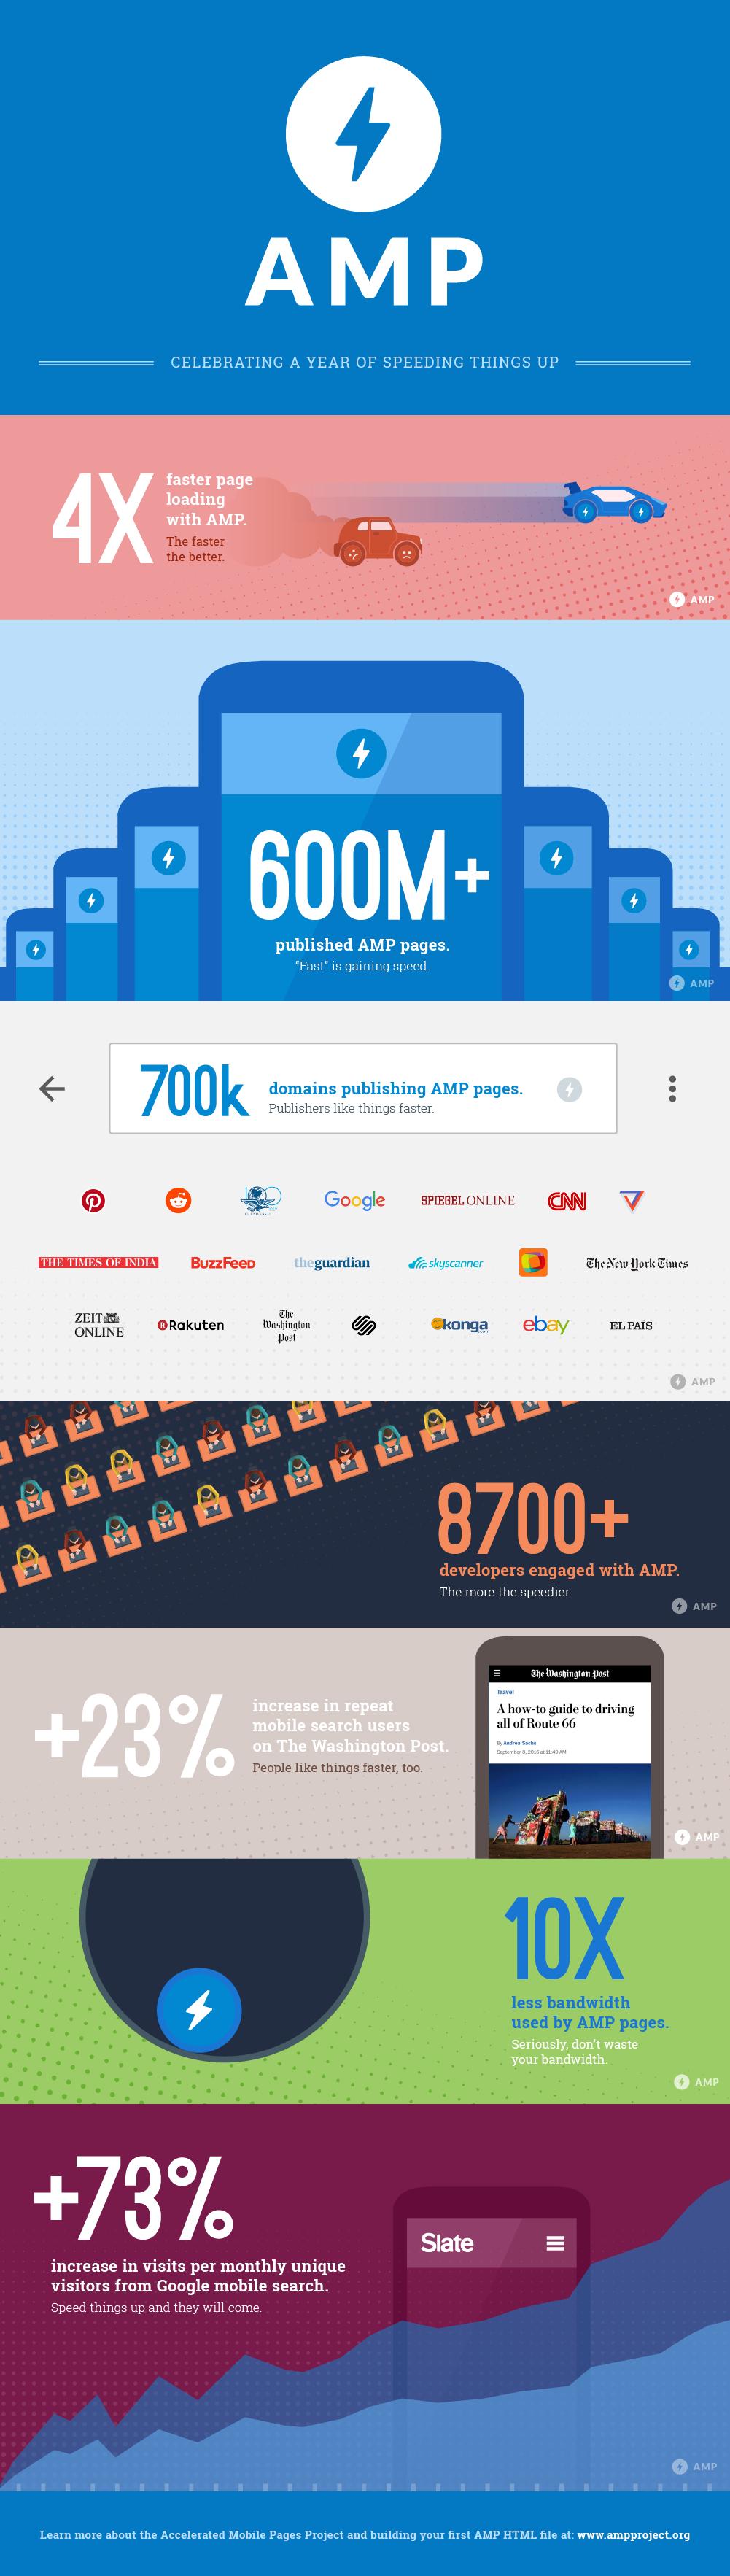 amp-infographic